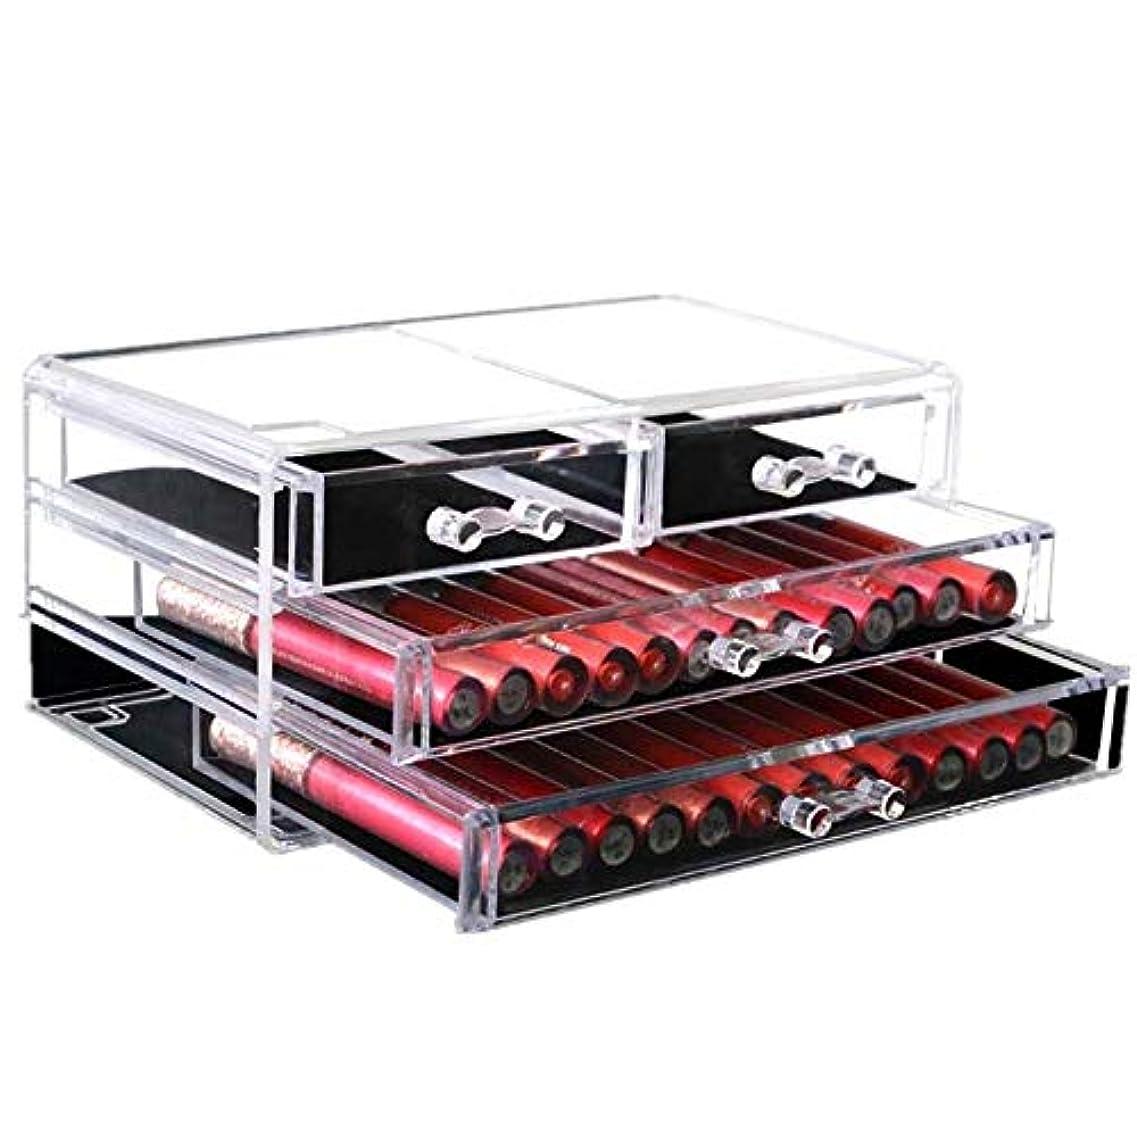 挑発する黄ばむ大量整理簡単 引出しの構造の宝石類のディスプレイ?ボックスが付いている簡単で明確なアクリルの化粧品のオルガナイザー (Color : Clear, Size : 24*13.5*11CM)